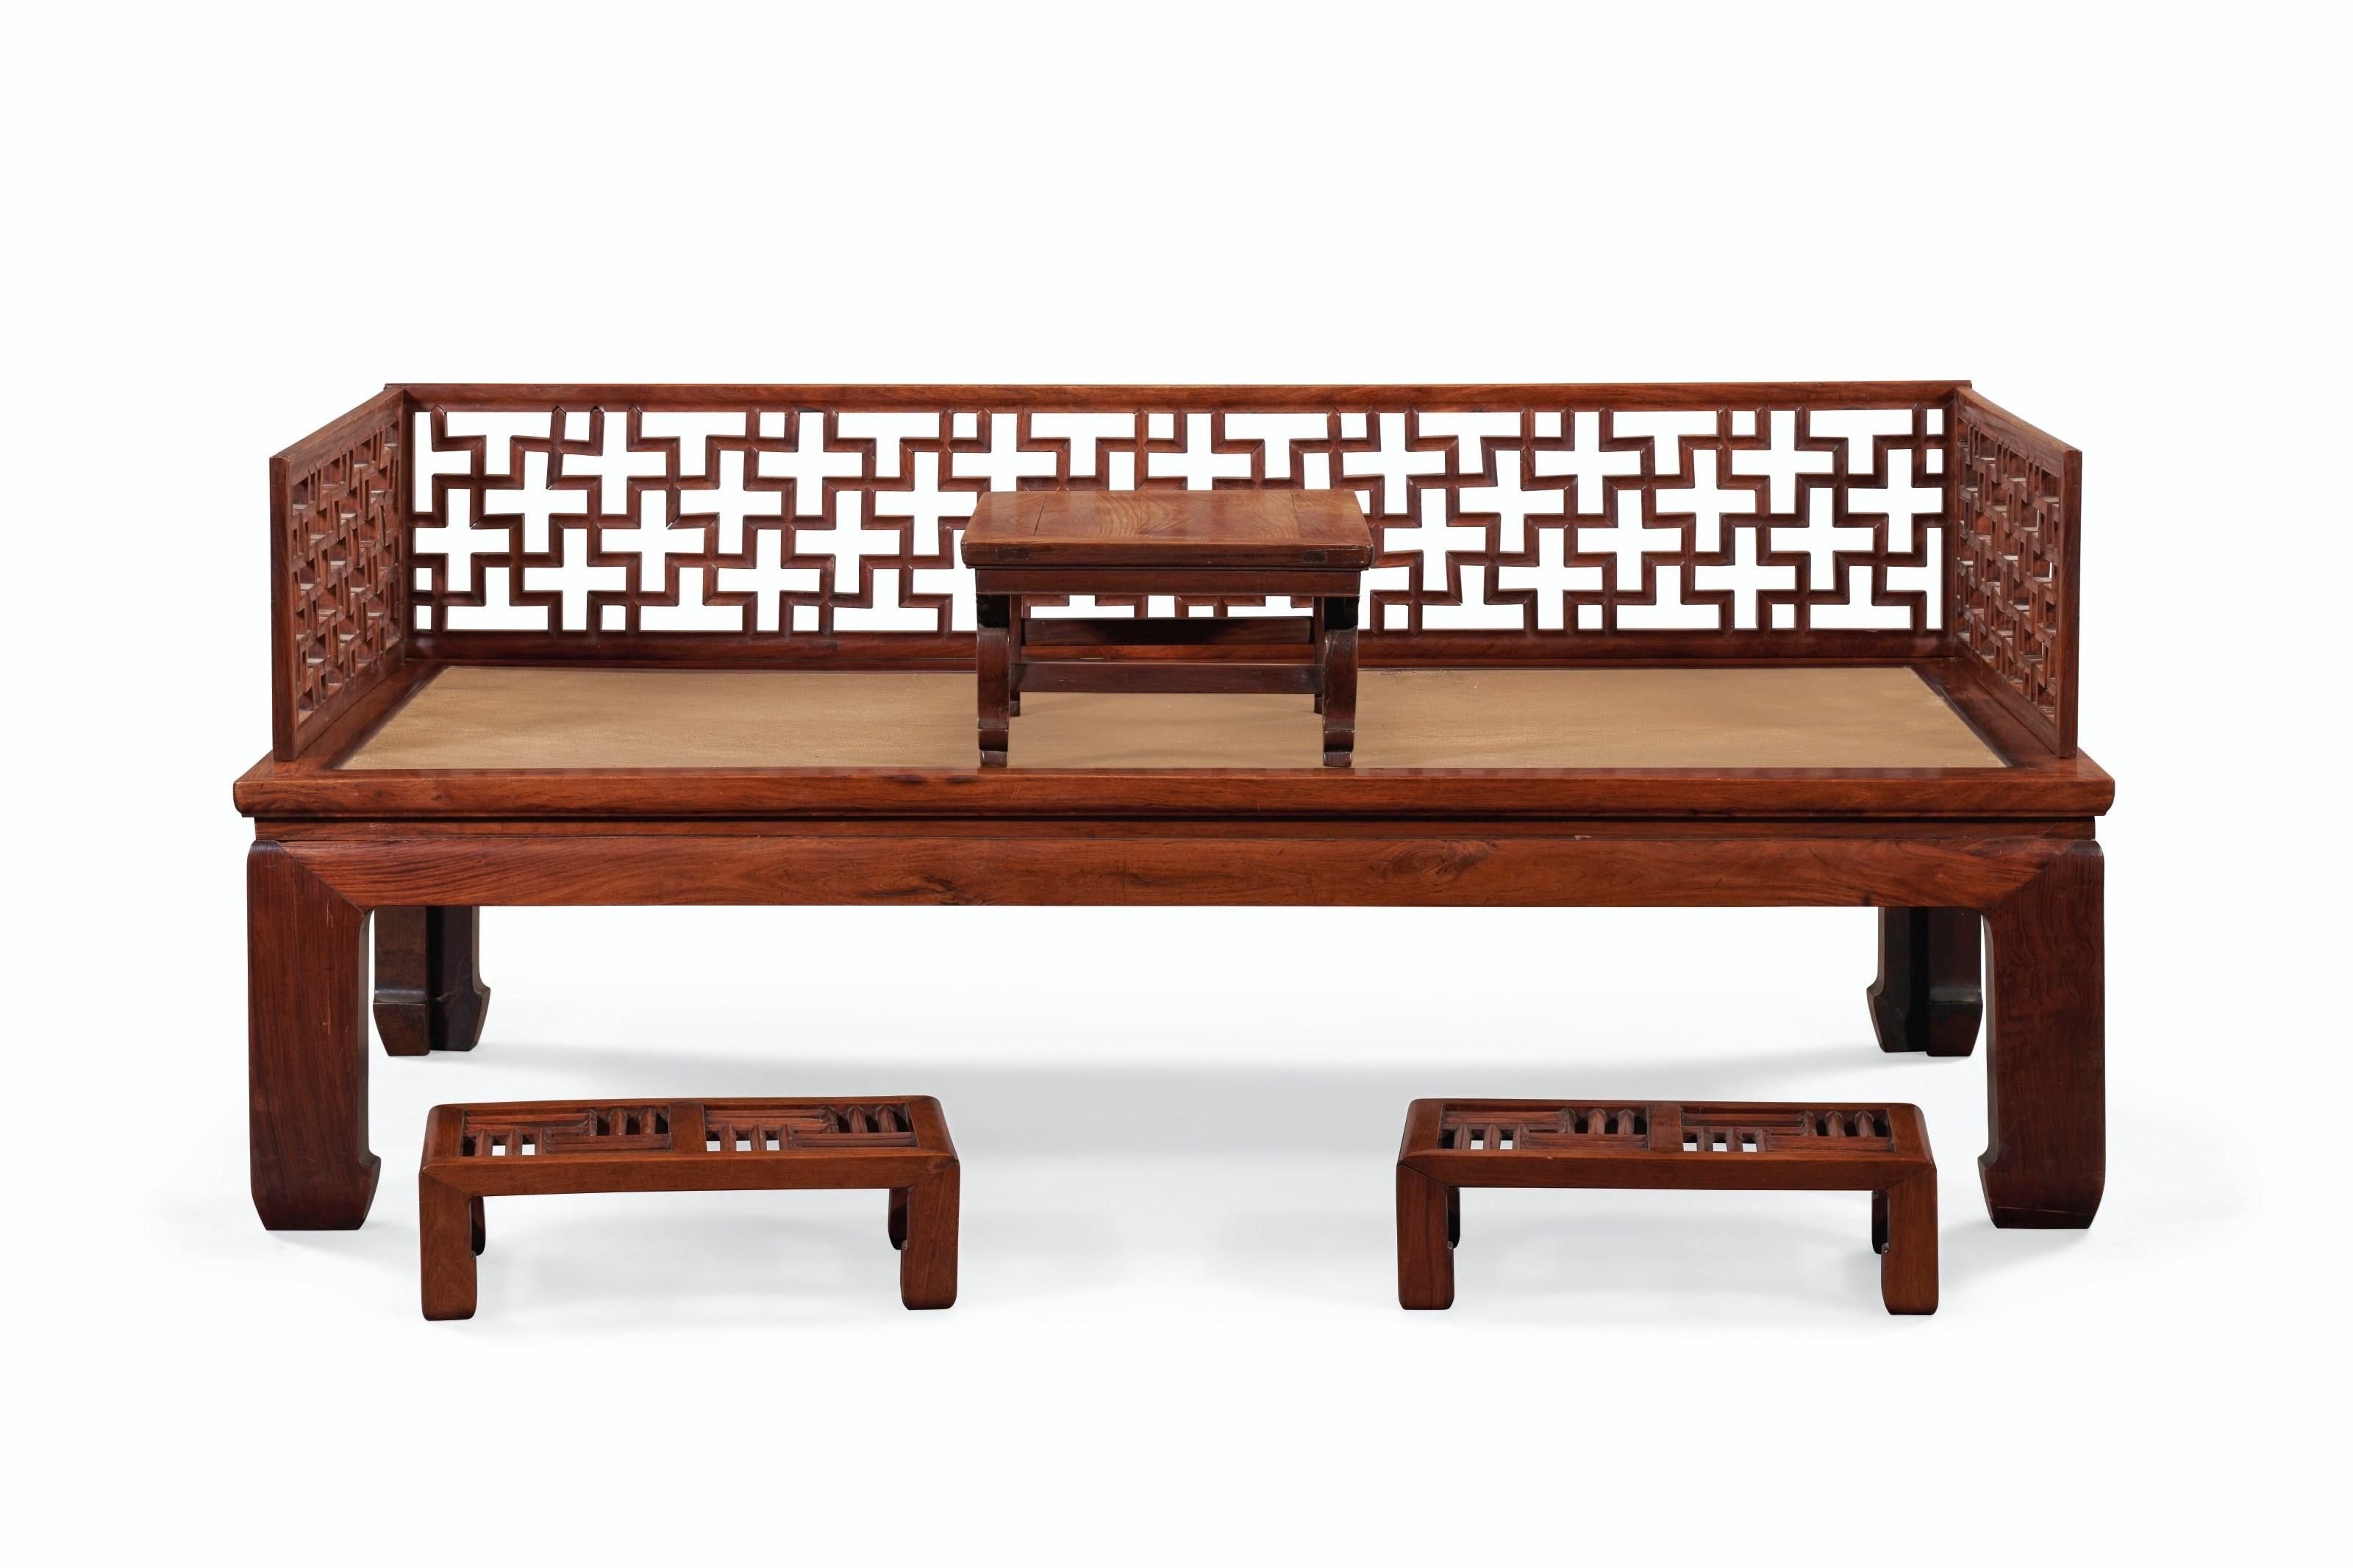 清十八十九世纪 黄花梨罗汉床, 黄花梨炕桌及红木脚踏一对(经改装)。估价:50,000 – 70,000美元。此拍品将于2021年3月18至19日在佳士得纽约重要中国瓷器及工艺精品拍卖中呈献